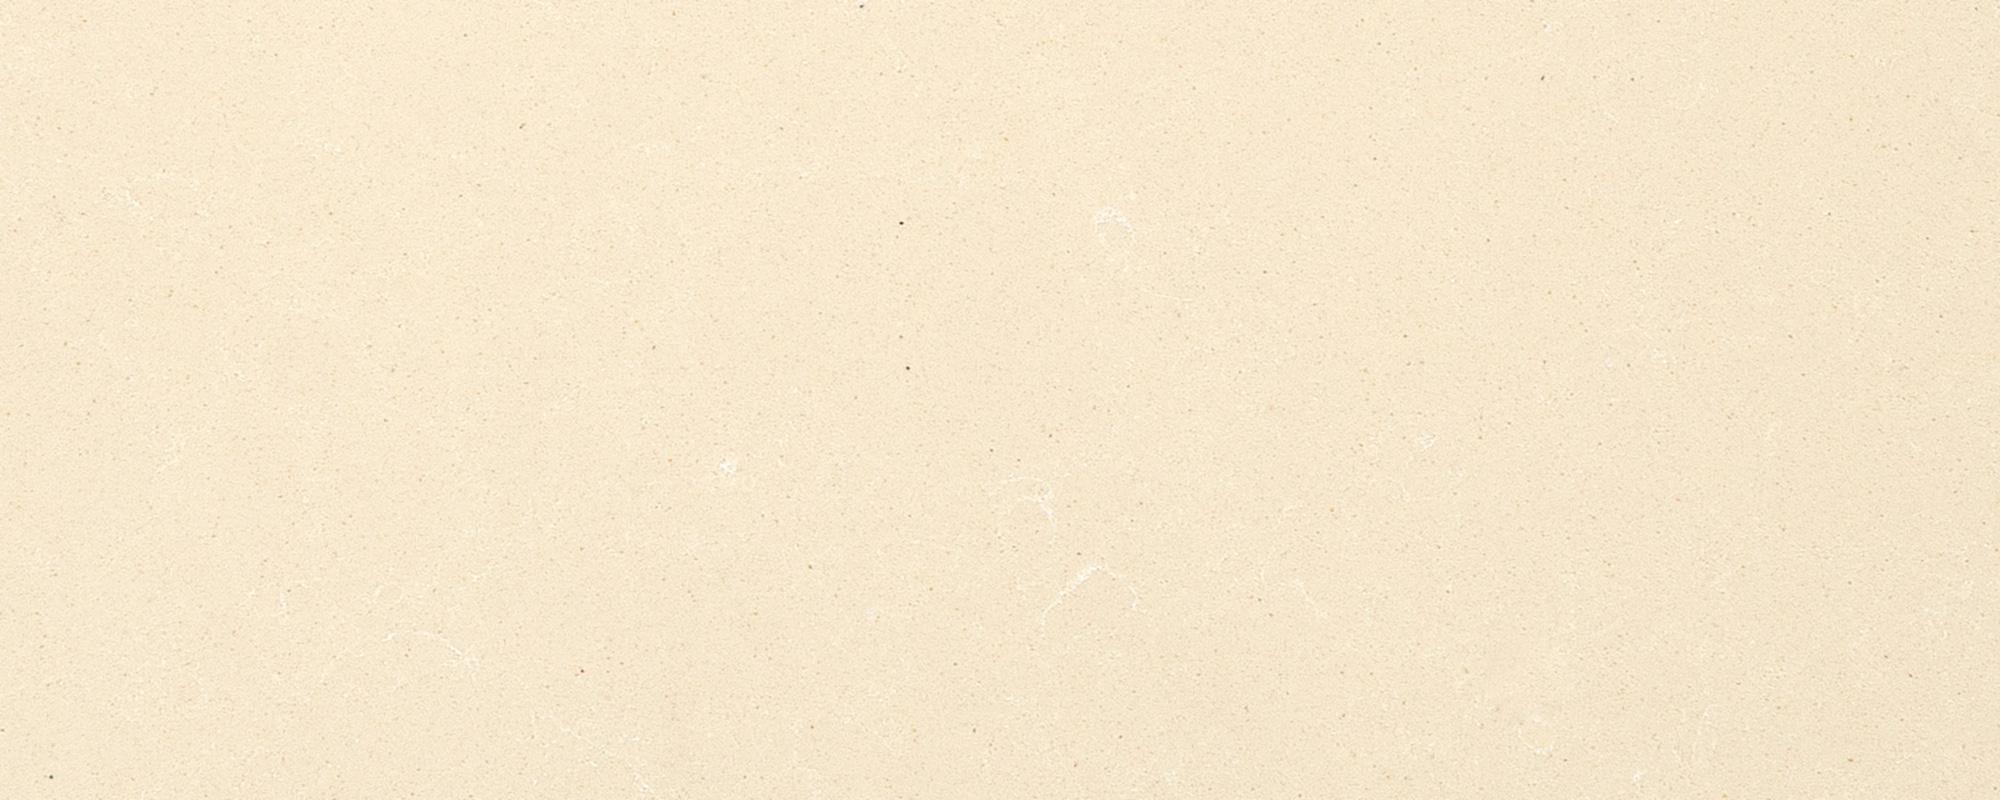 Marmol de color crema altea colecci n micro estilo compac for Marmol de color azul